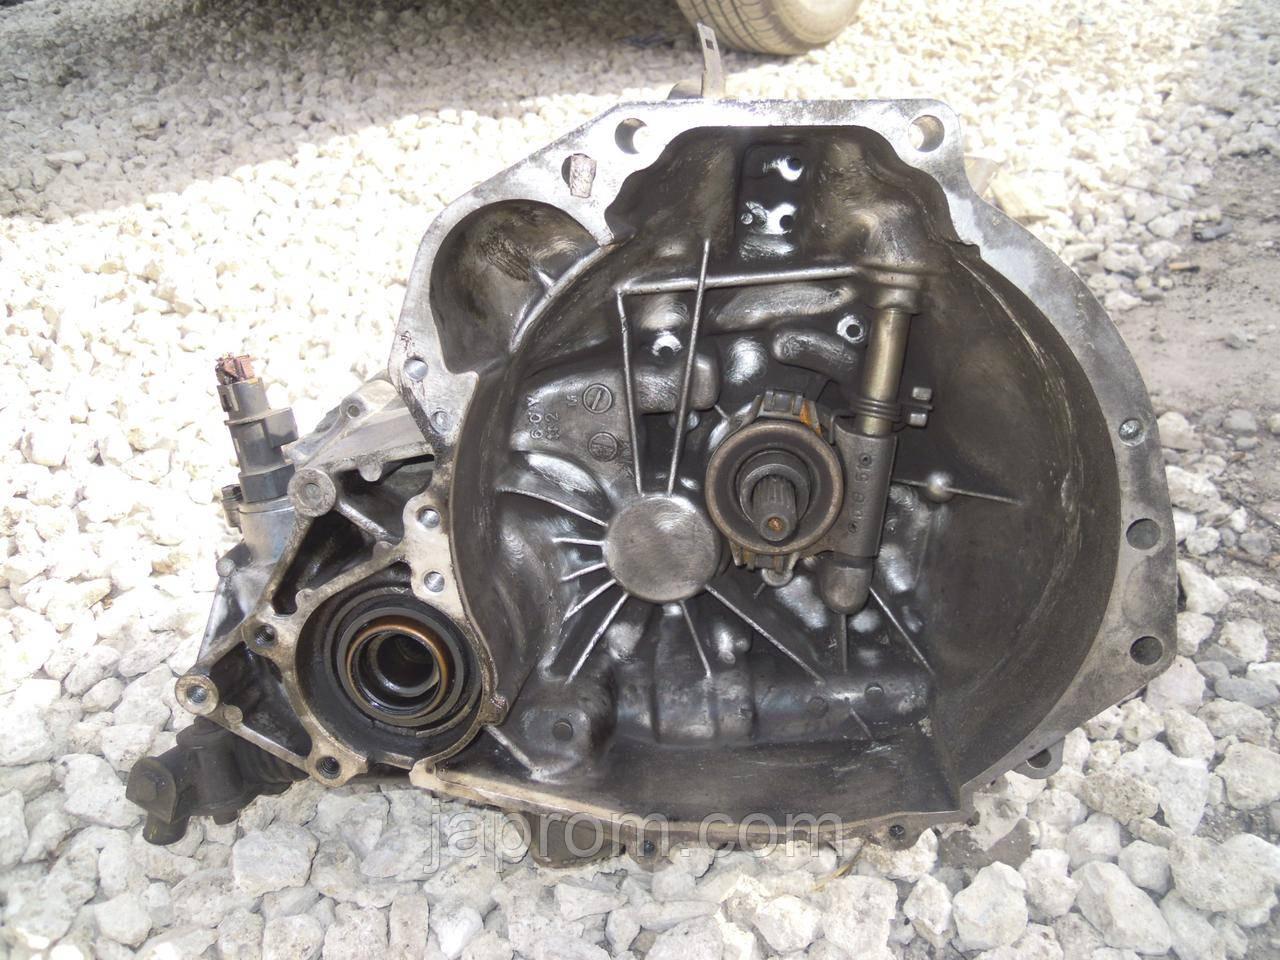 МКПП механическая коробка передач Nissan Primera P10 11 1996-1999г.в 1.6 бензин(на тросу) 60Y